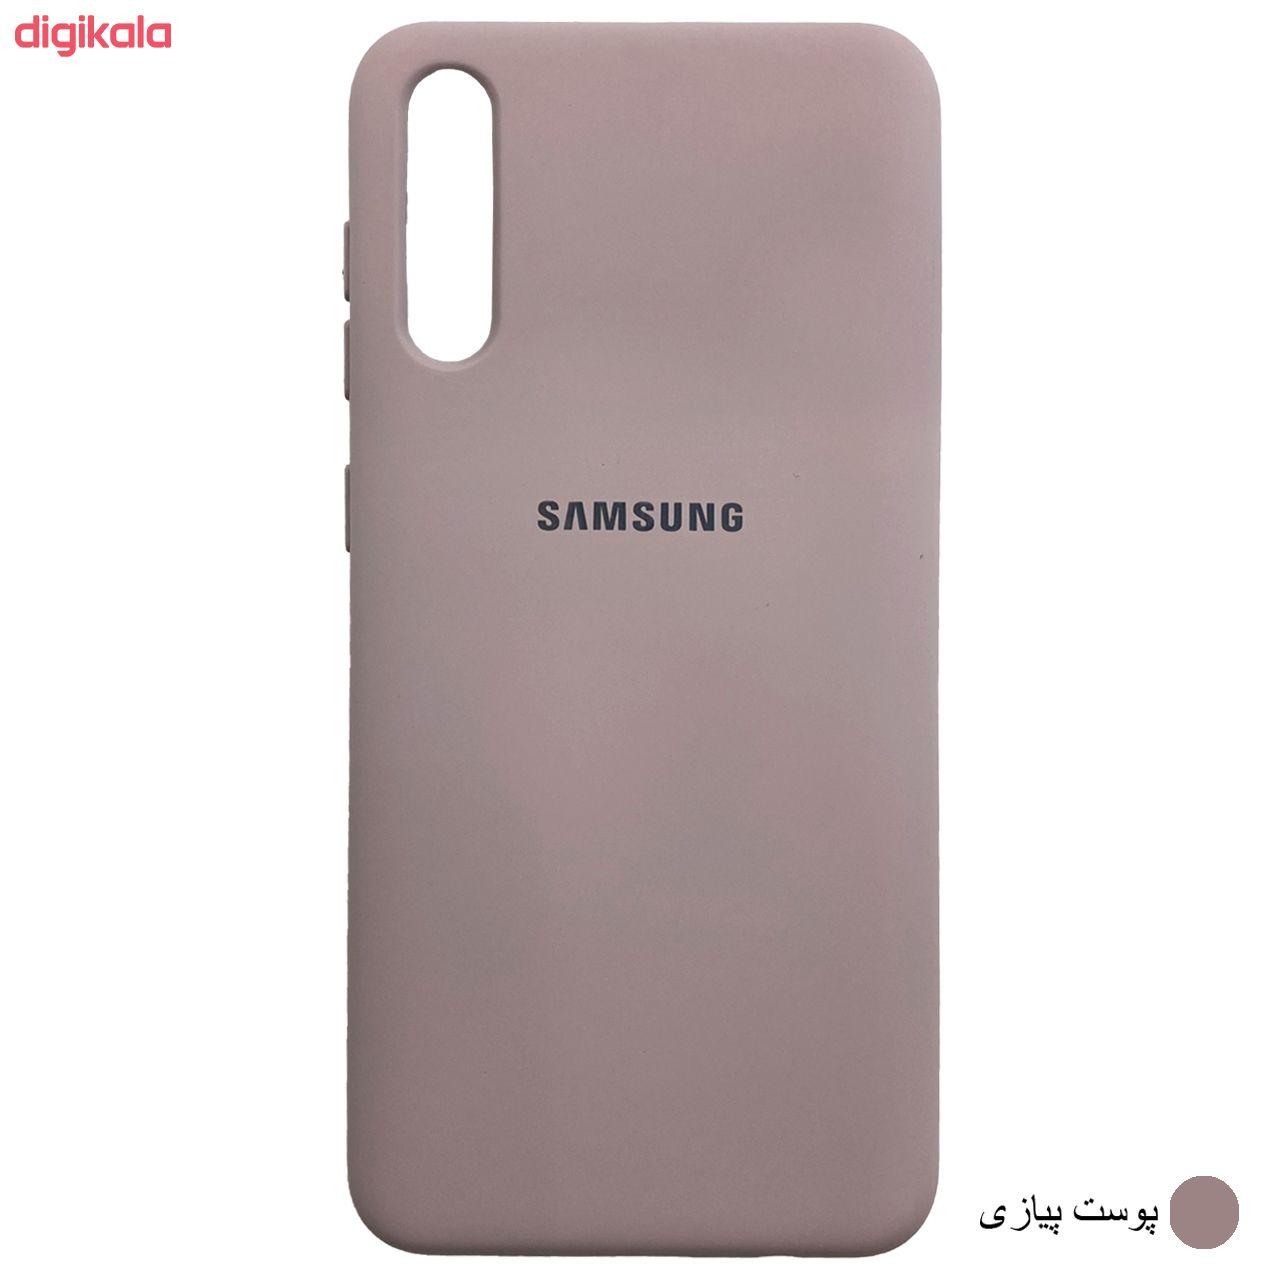 کاور مدل SCN مناسب برای گوشی موبایل سامسونگ Galaxy A50 / A50s / A30s main 1 8